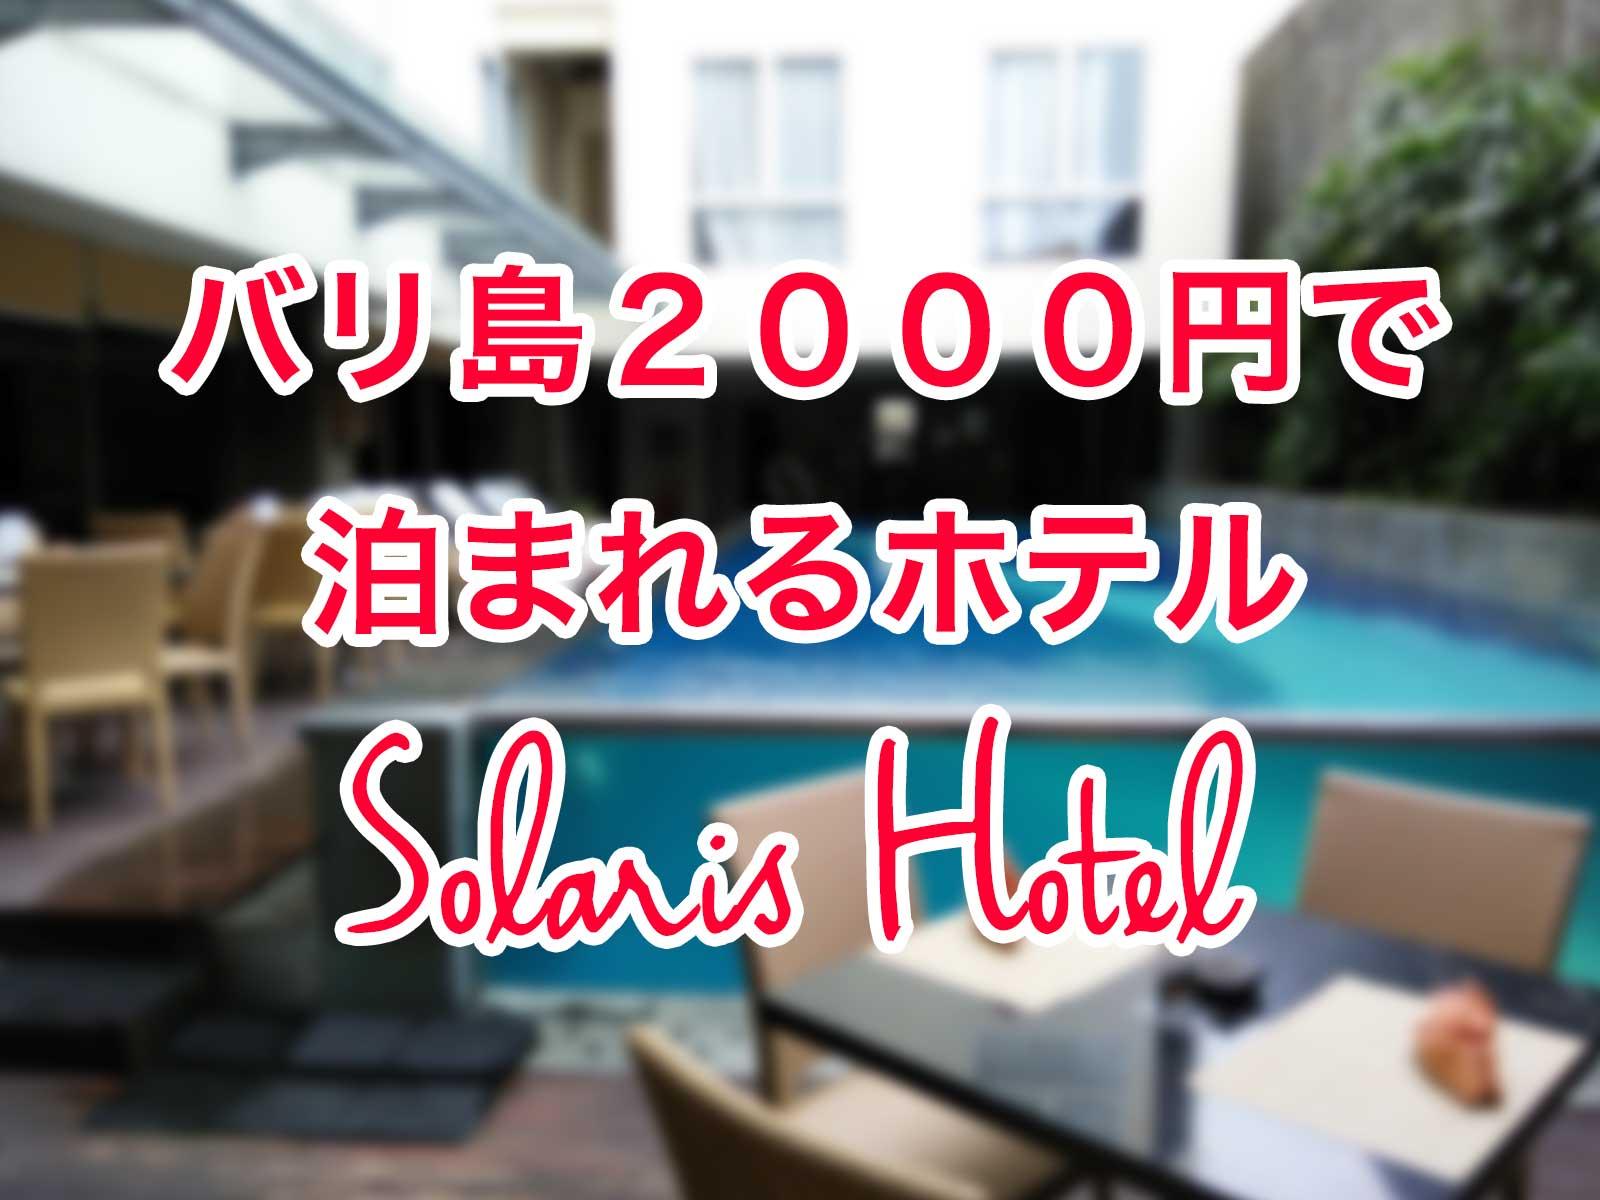 バリ島2000円ホテル:Solaris Hotel(クタ・トゥバン)部屋もサービスも◎!コスパが良い空港近くの新しいホテル